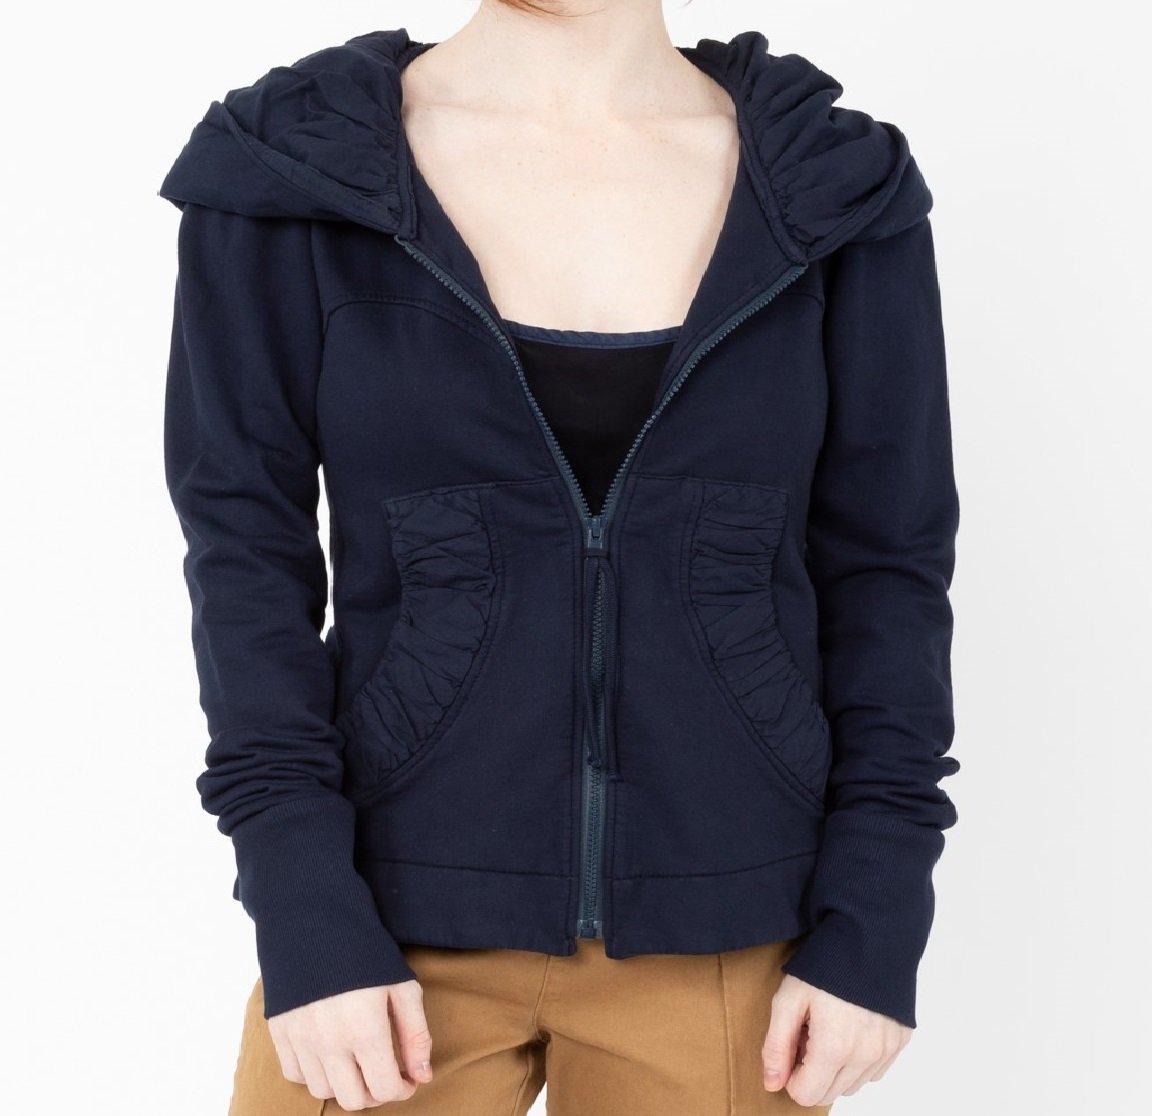 Midnight Cloak Hoodie by Prairie Underground sizes Small to XL